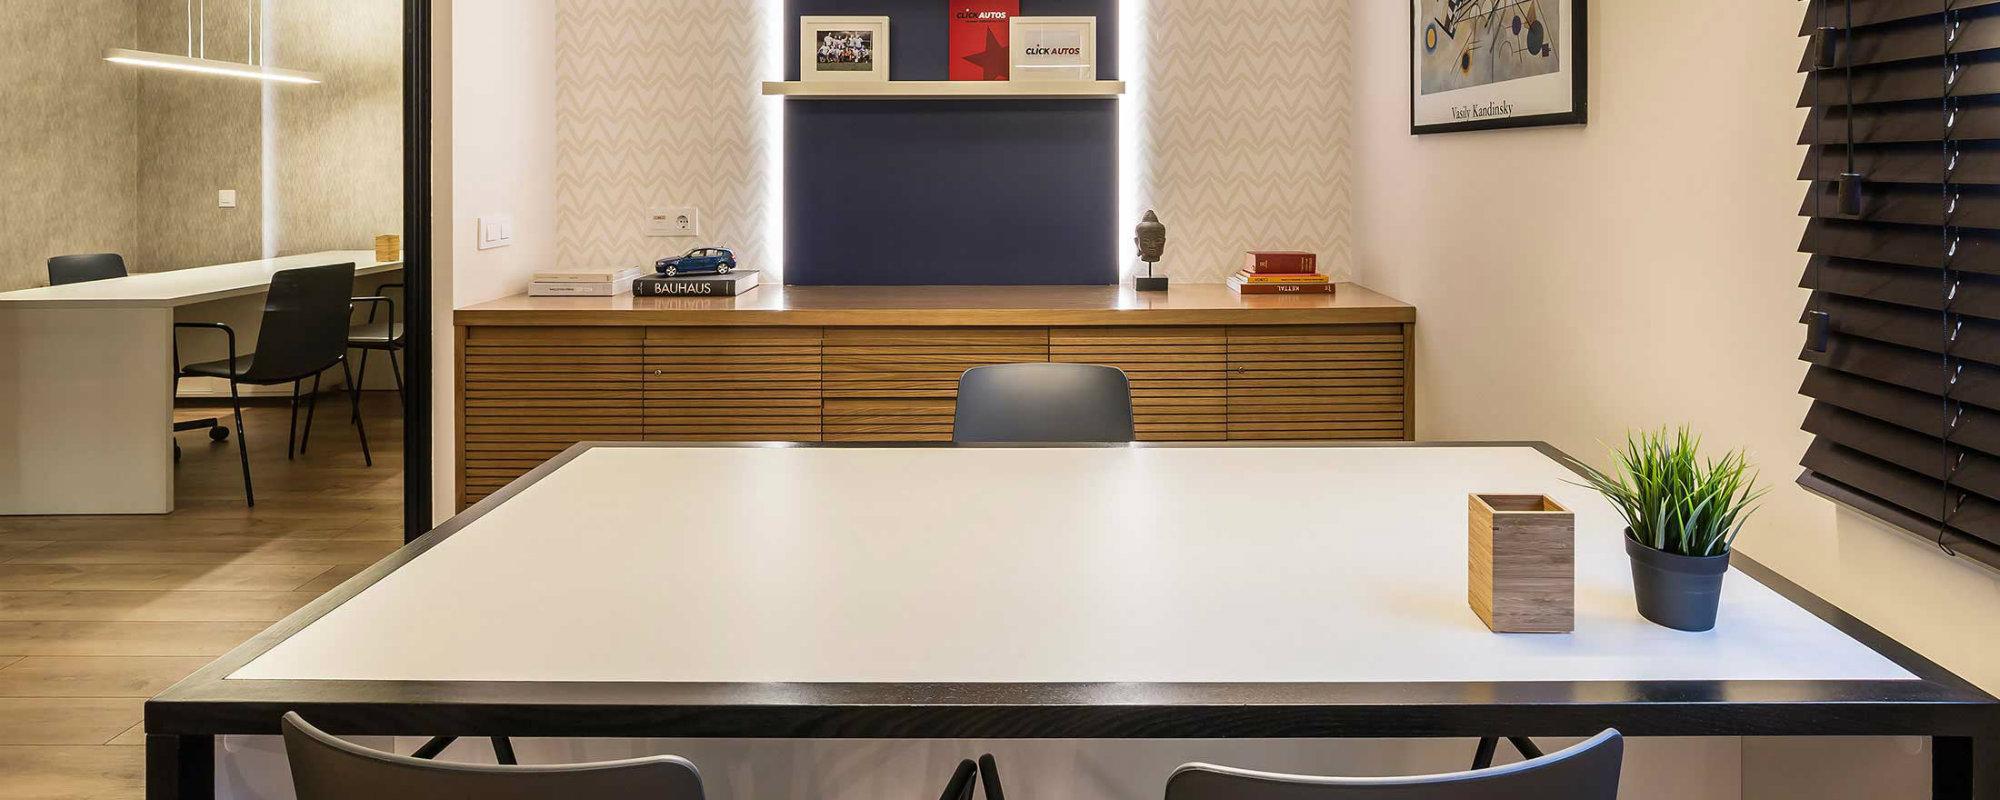 """""""Las tendencias desaparecen, el estilo es eterno"""" interiorismo de lujo Interiorismo de lujo: Laura Yerpes un estudio de proyectos en España Featured 5"""